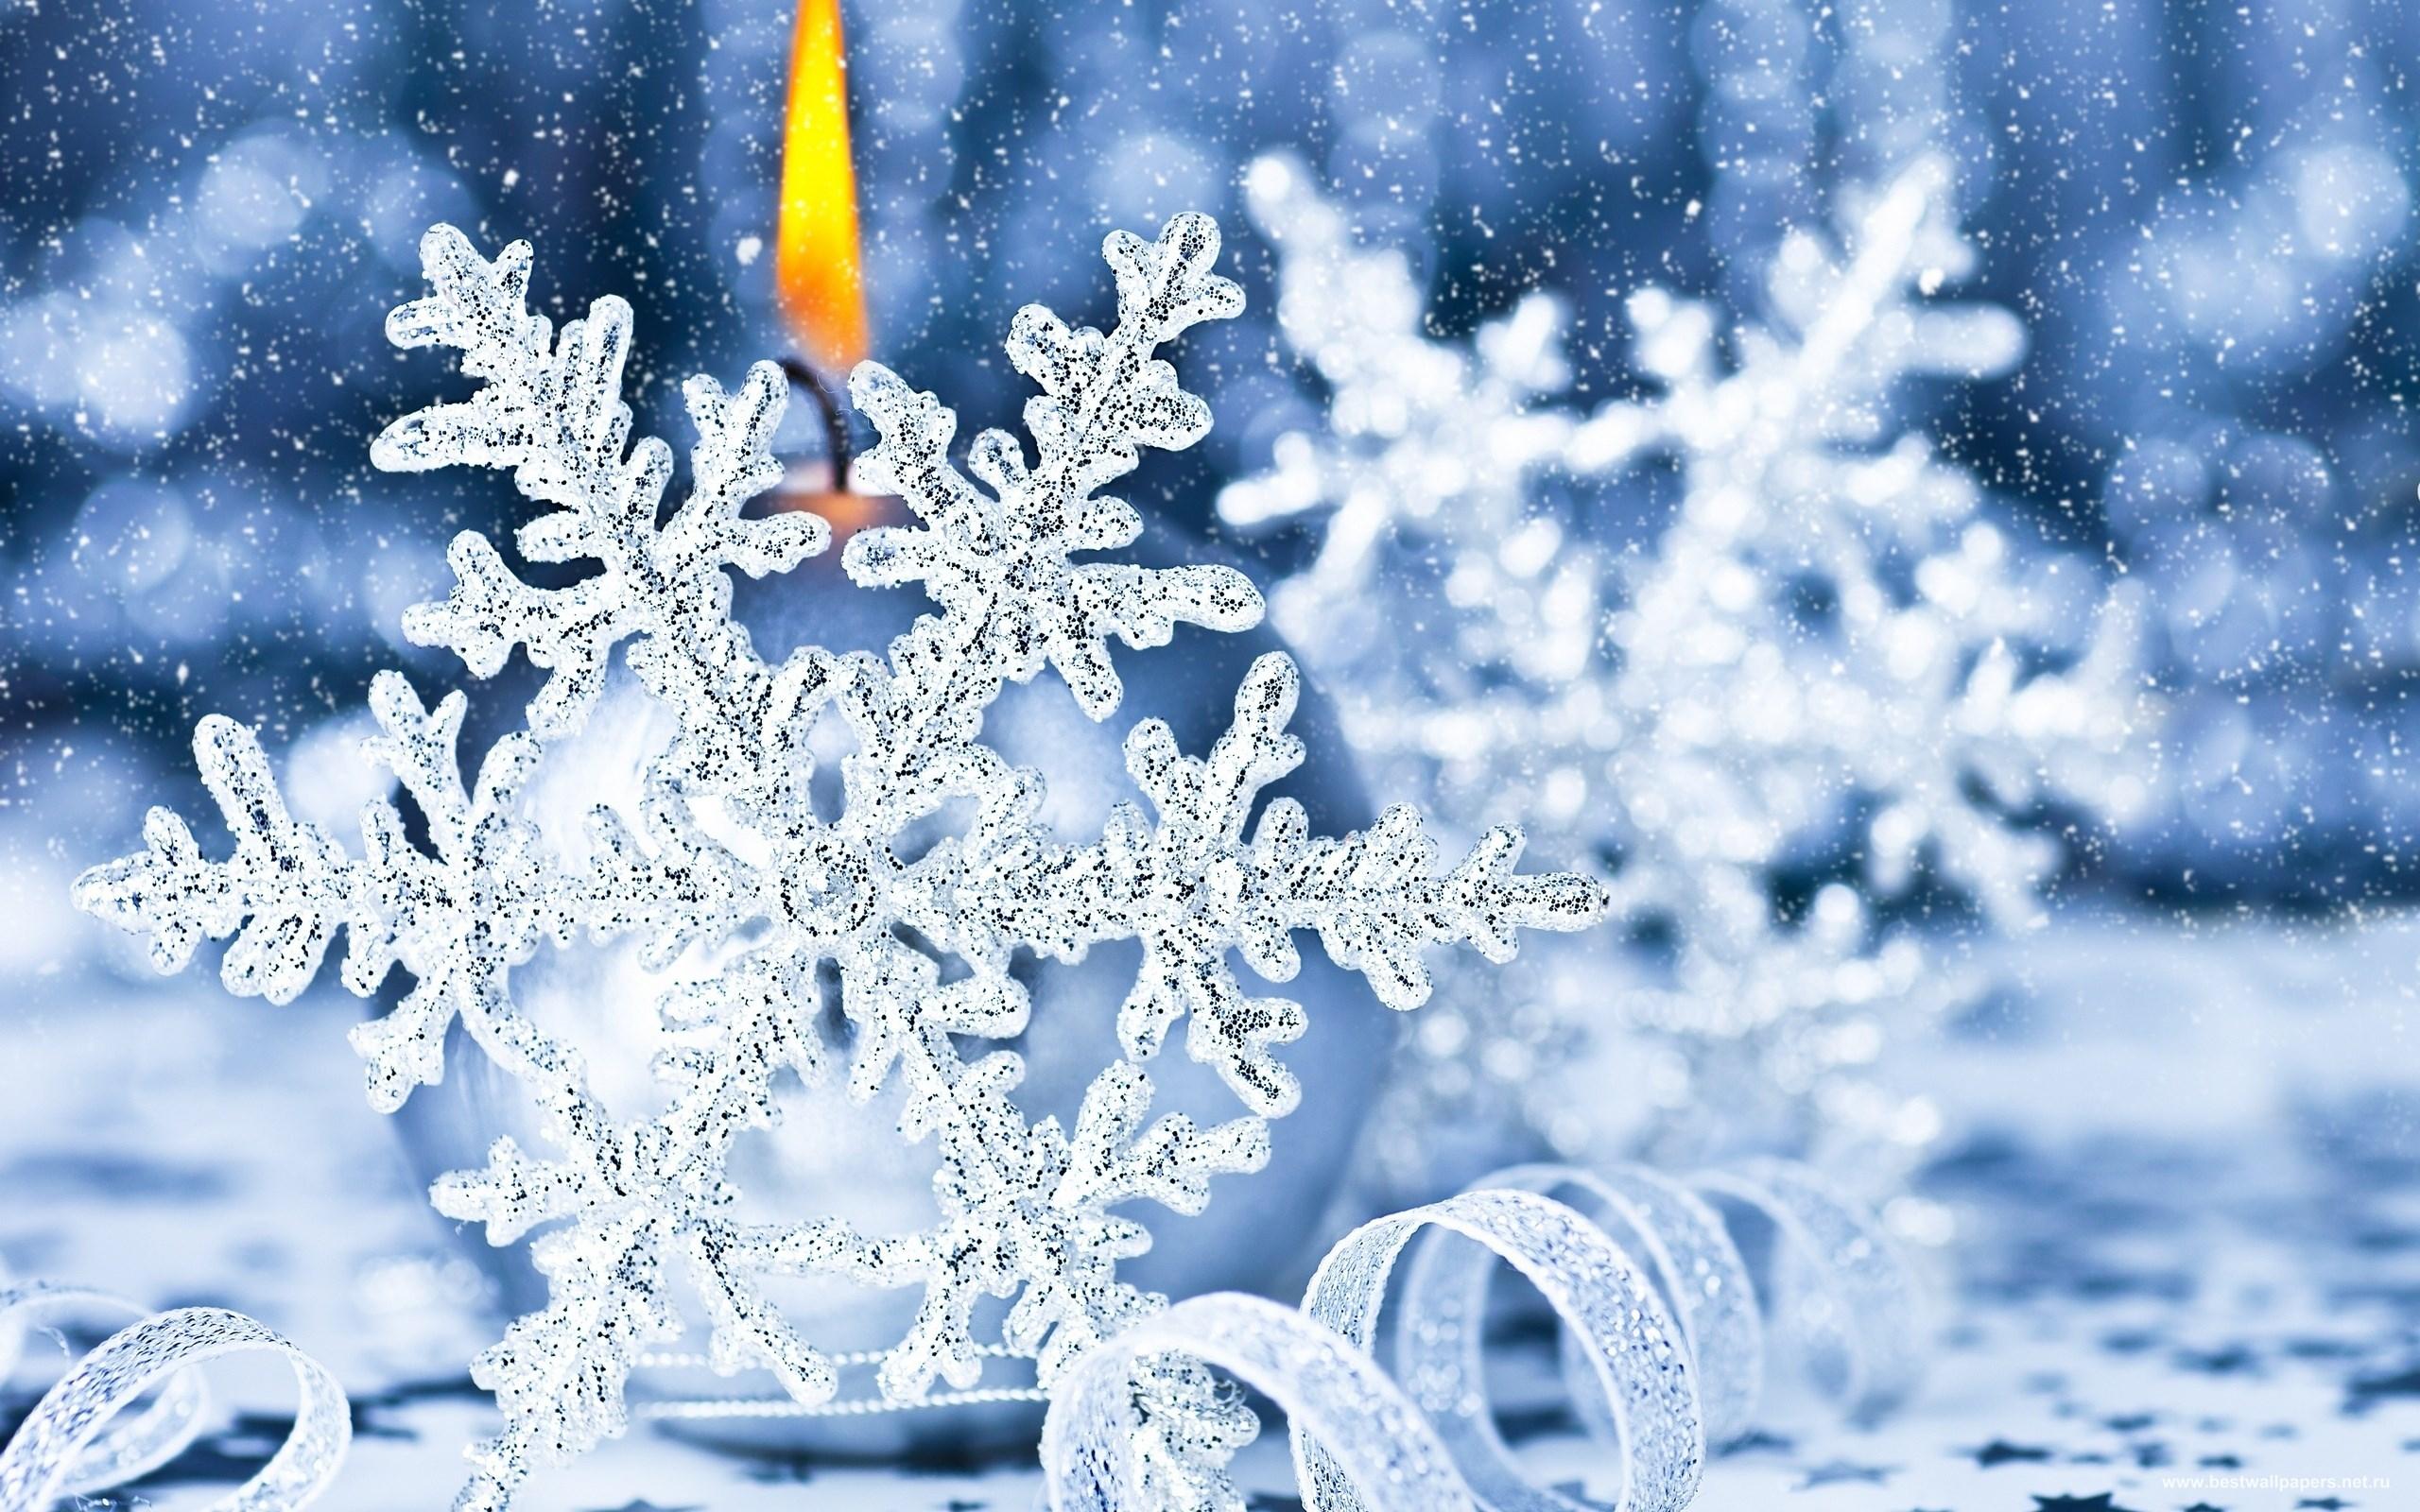 Обои новогодние снежинки для рабочего стола